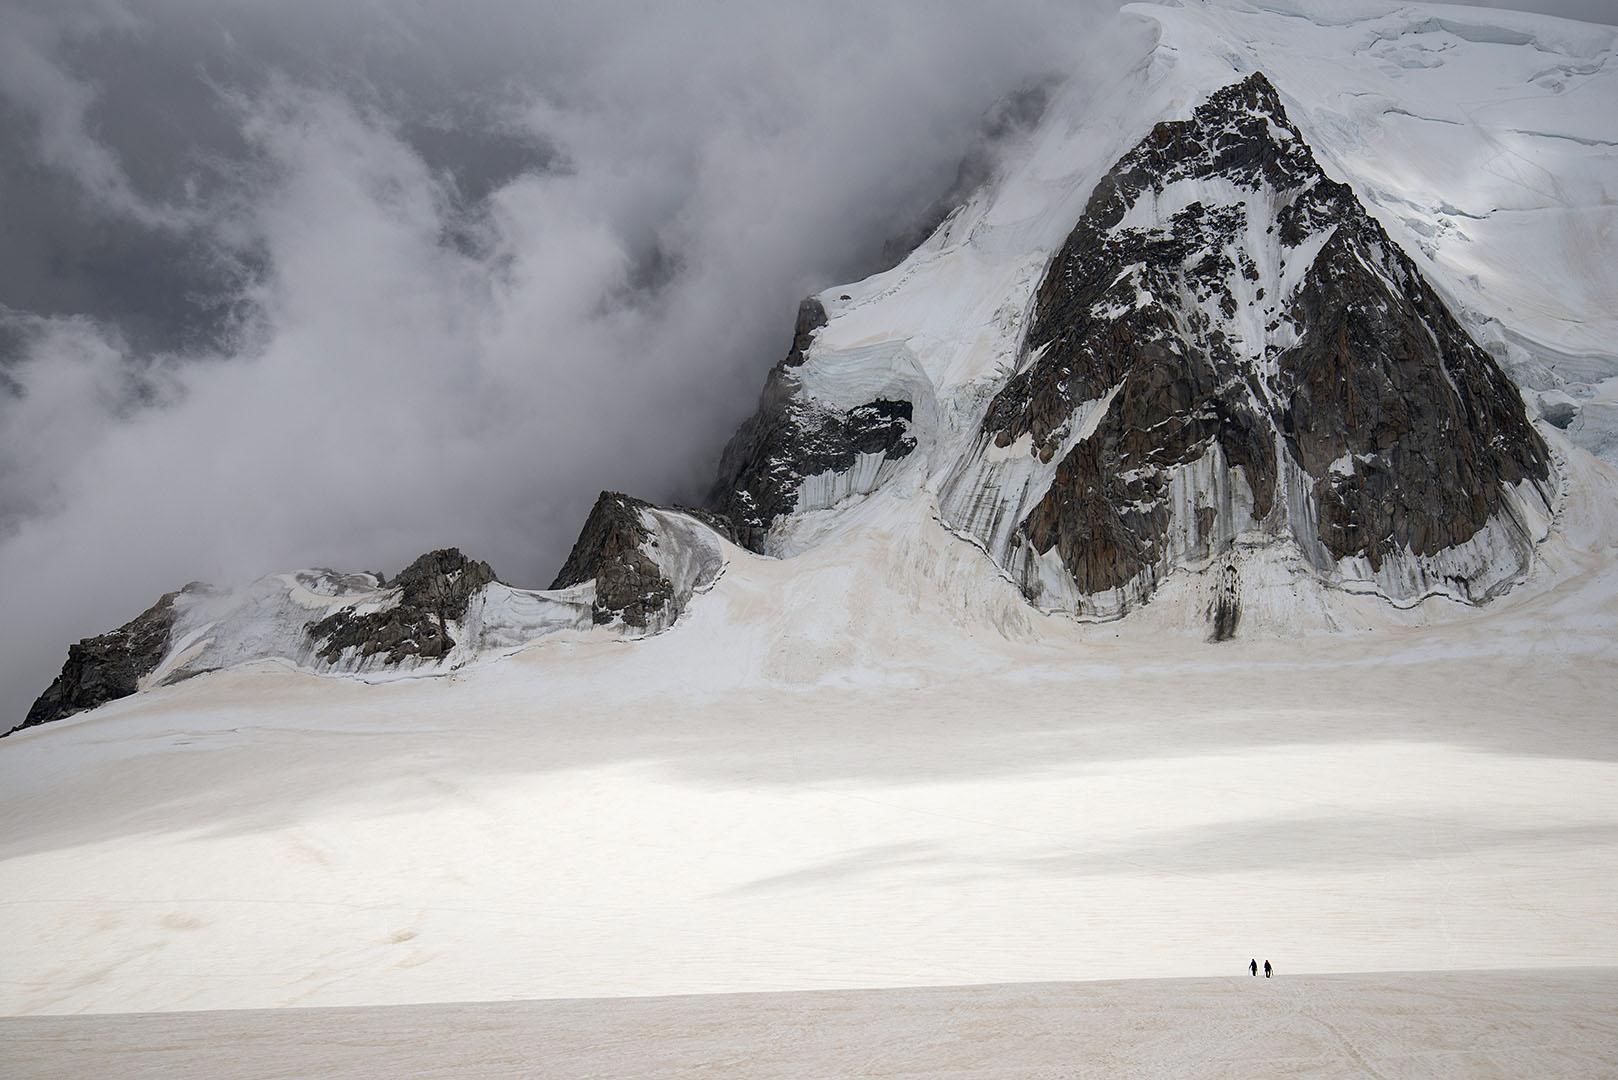 Mar de hielo - Deportes y aventuras - Iñaki Larrea, Fotografía de naturaleza y montaña